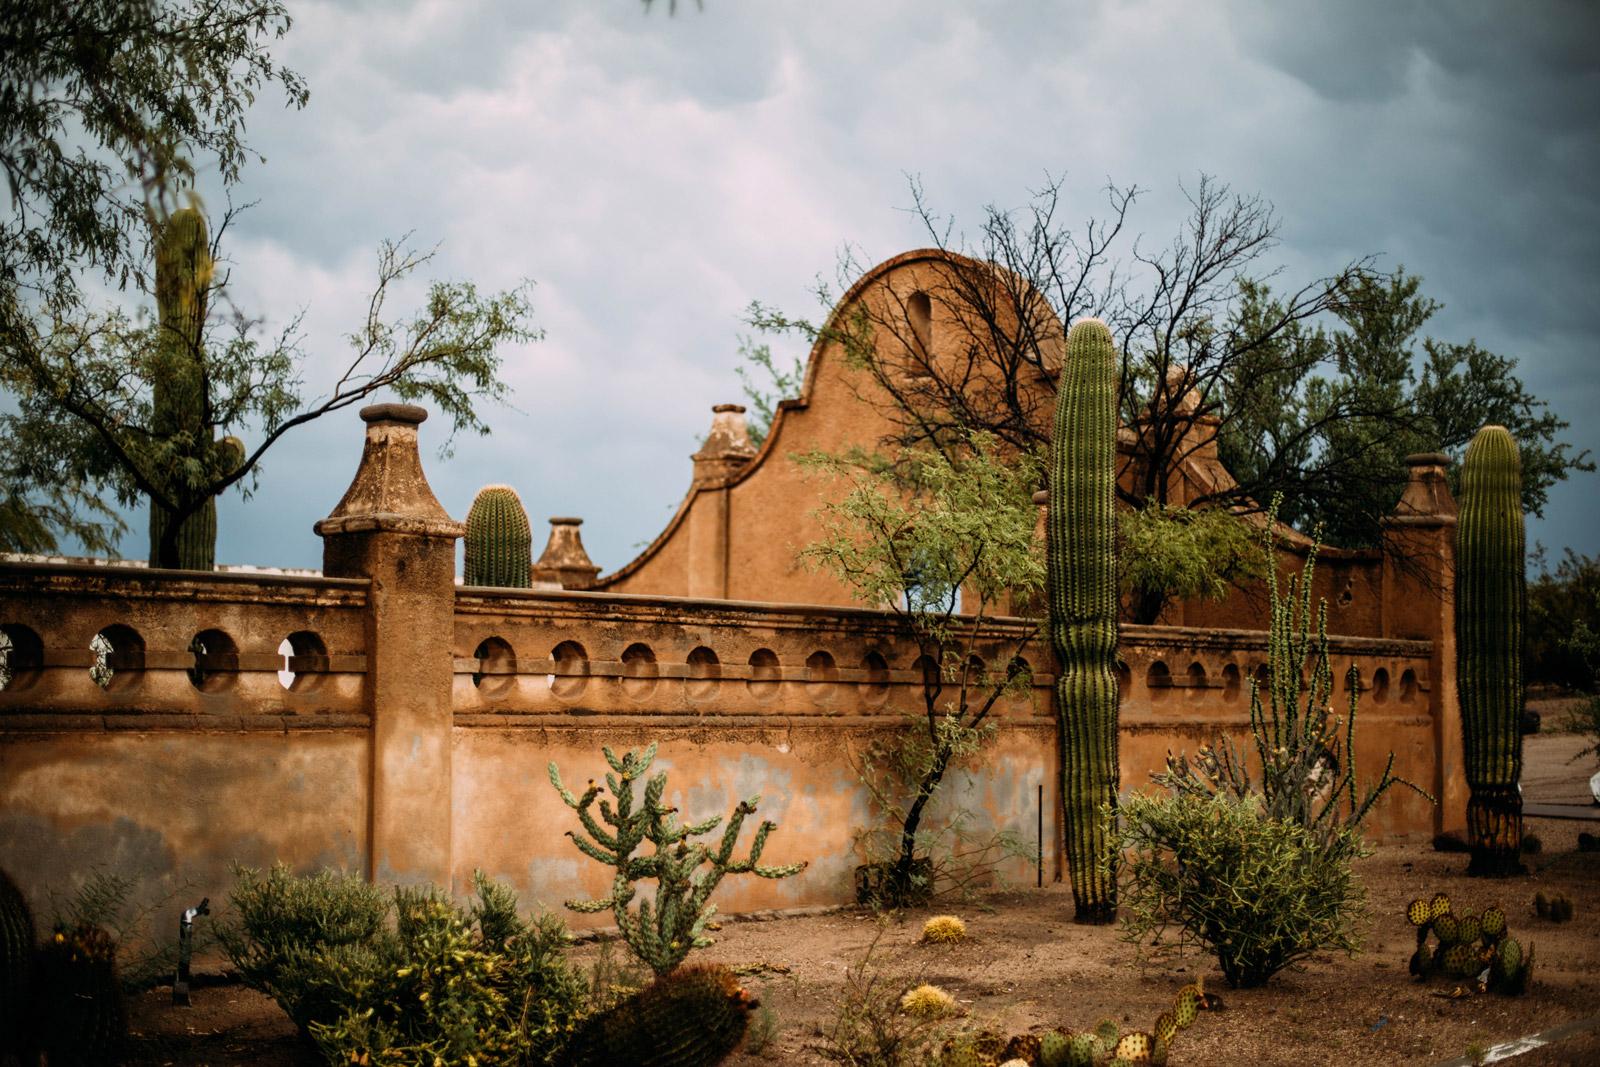 visiter la mission espagnole de Tucson